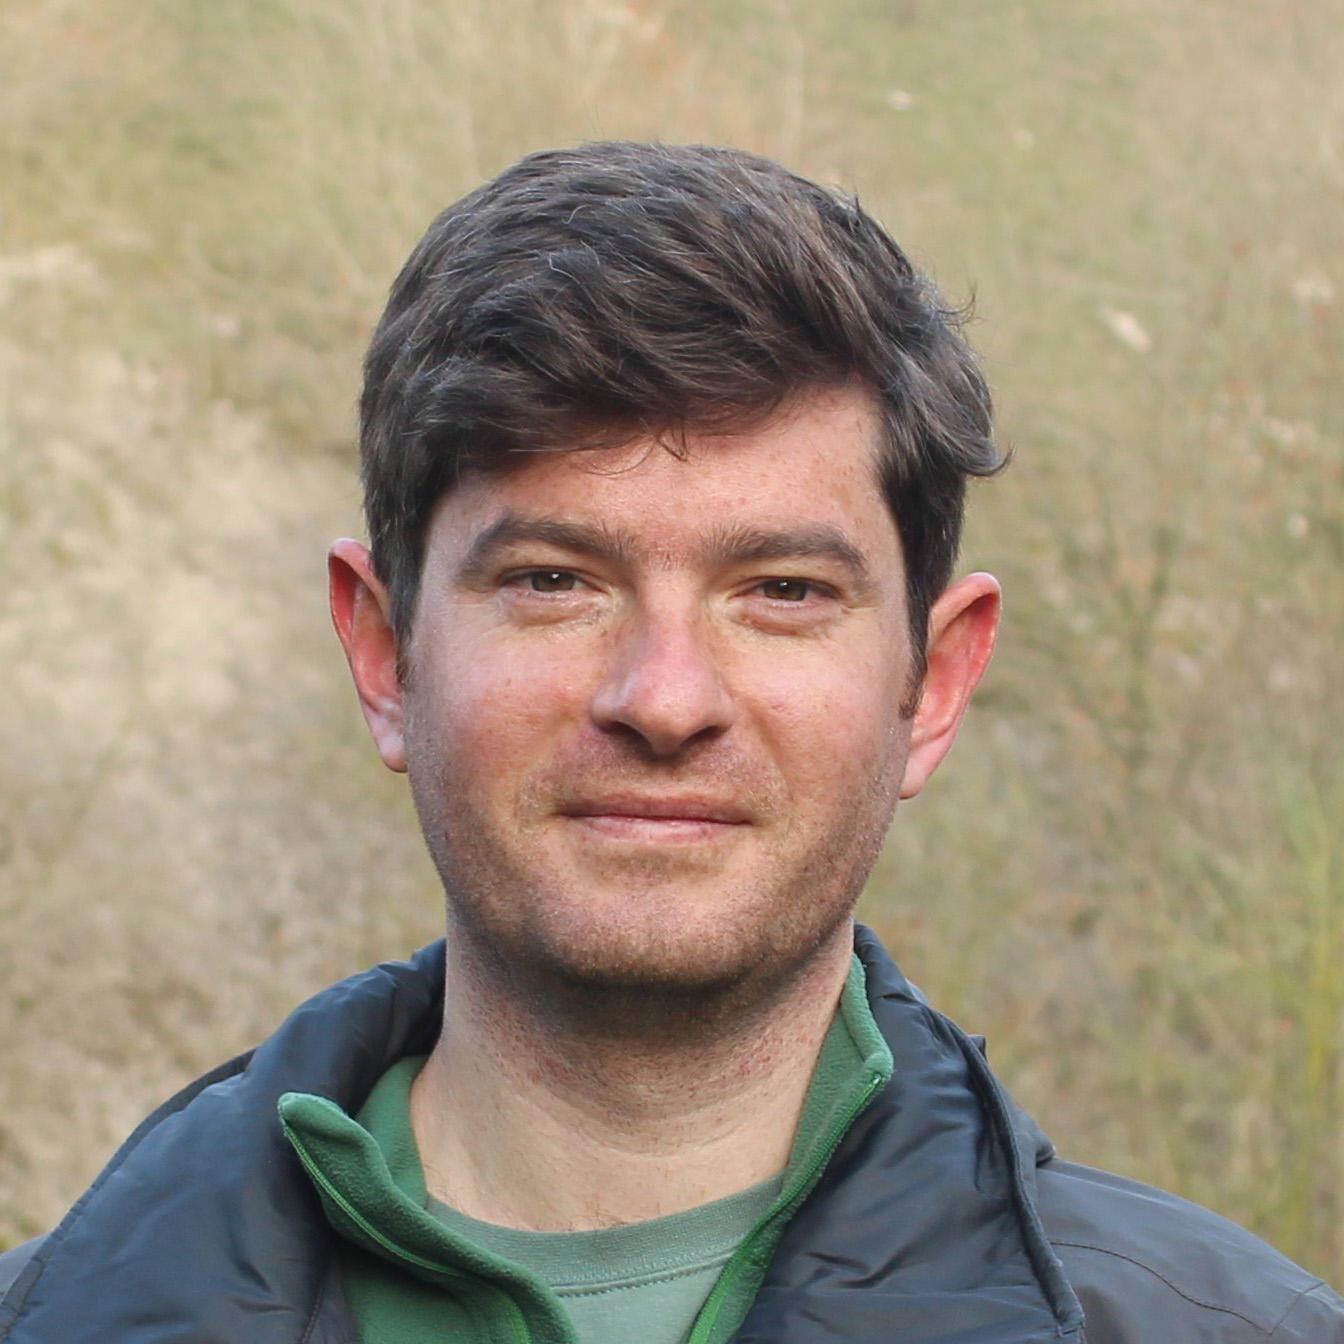 Peter Ruane